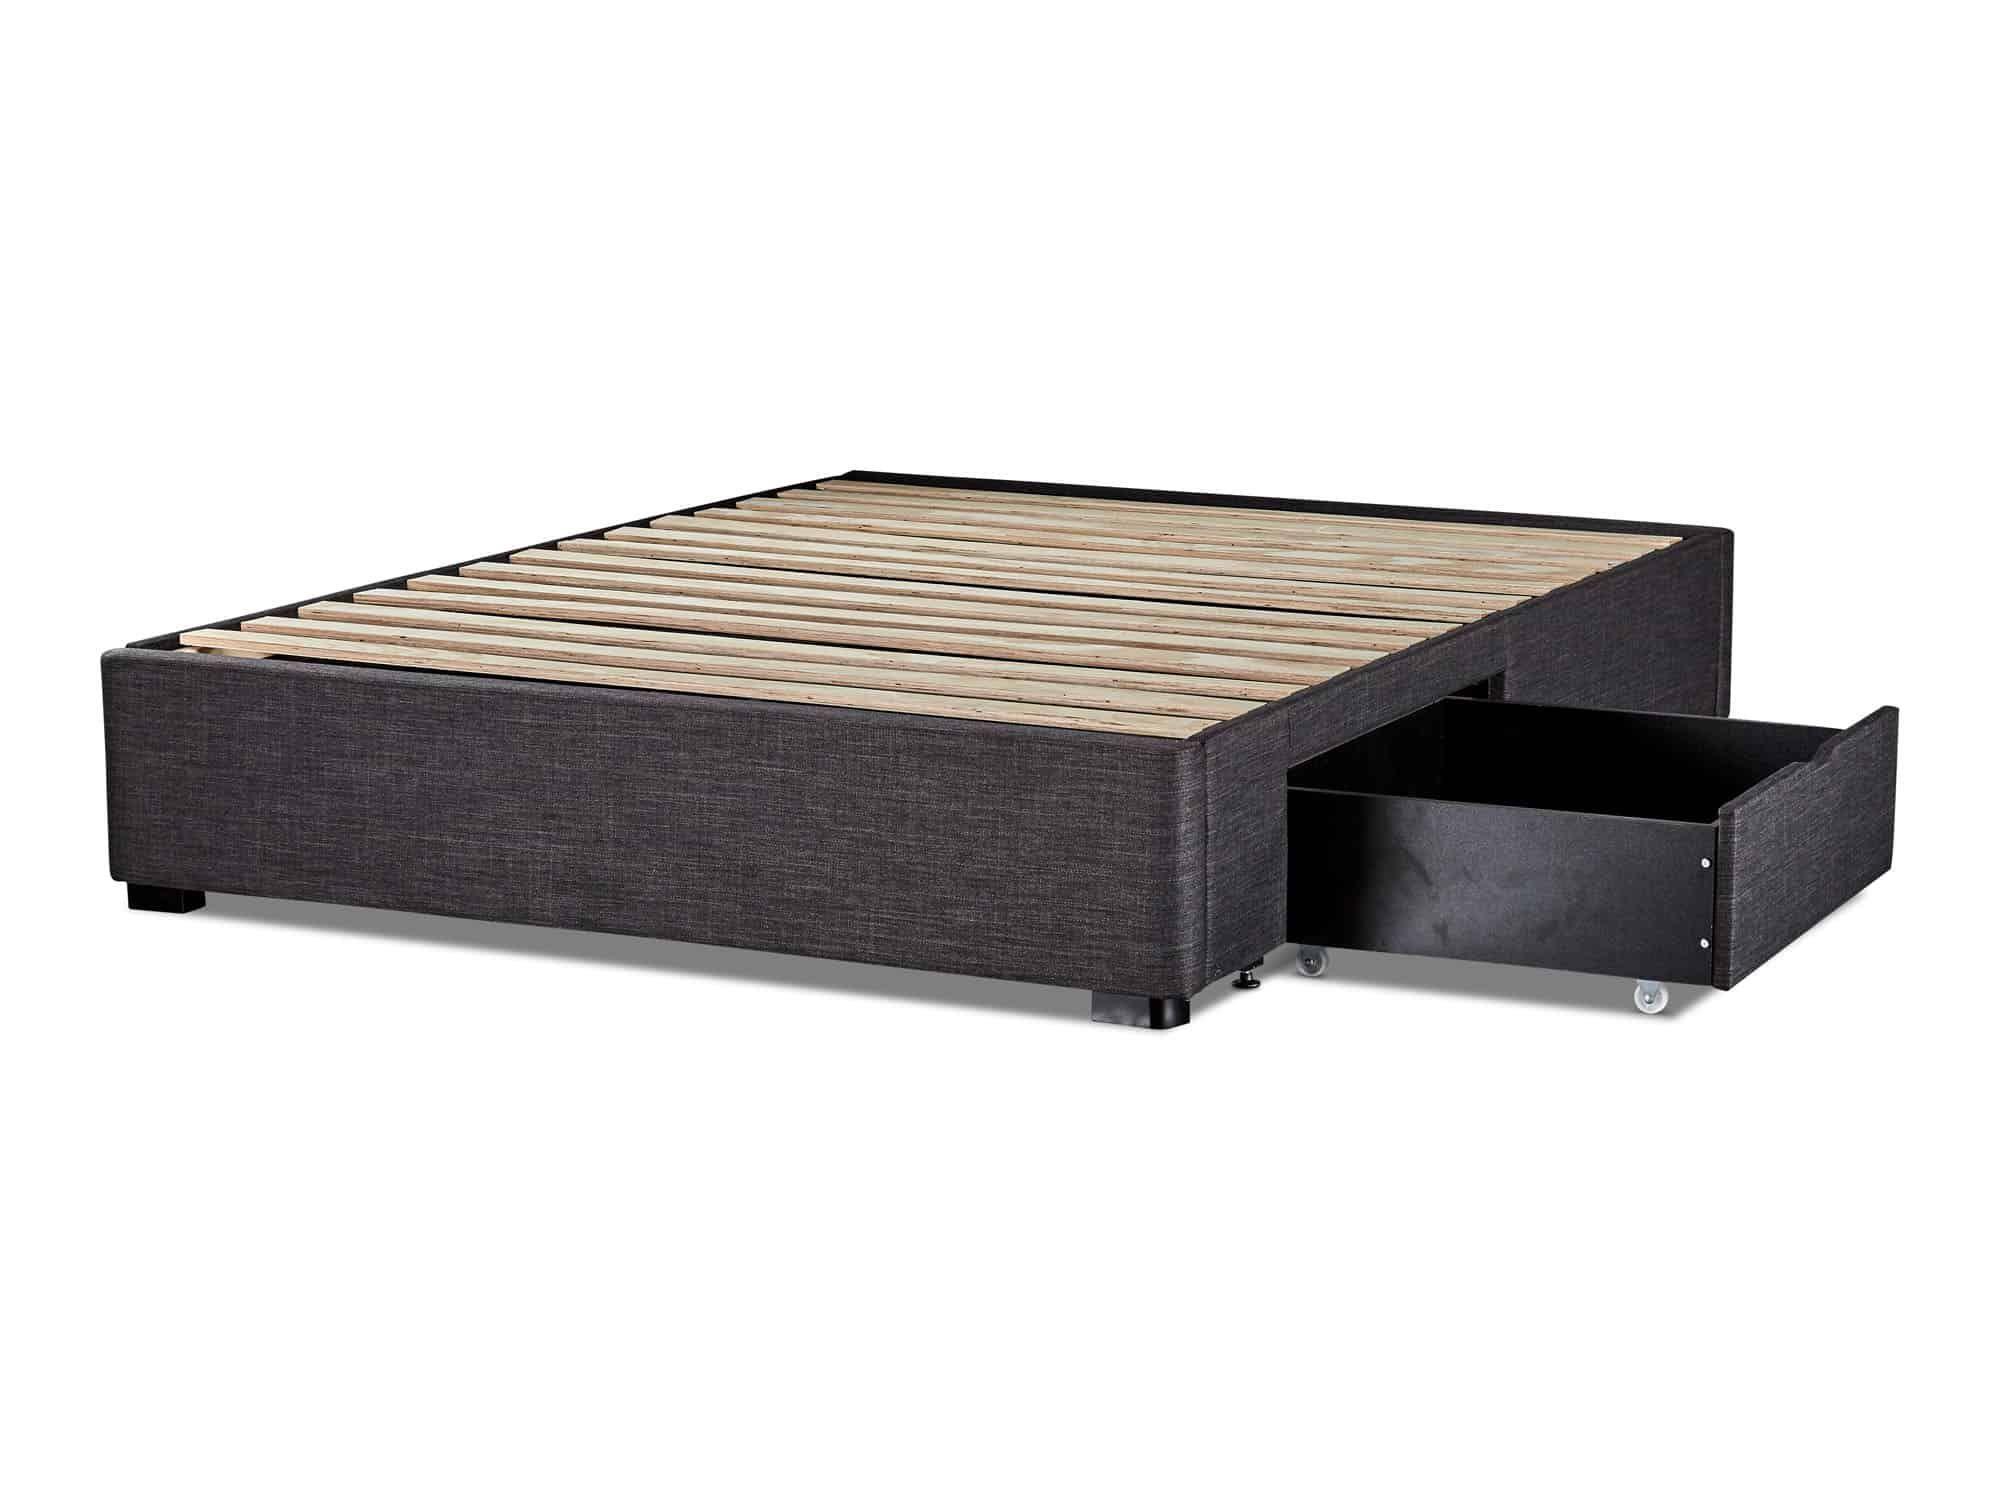 Blyth queen slat bed frame bed slats slats bed